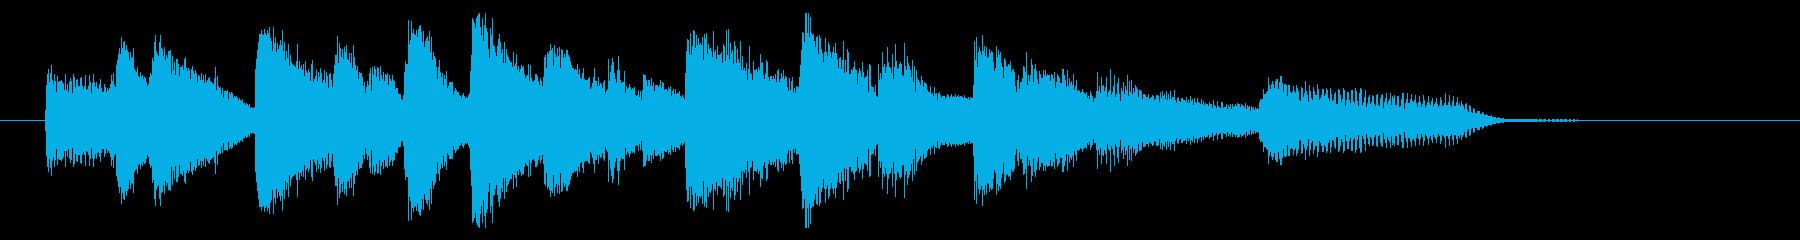 オシャレなジャズピアノジングル3の再生済みの波形